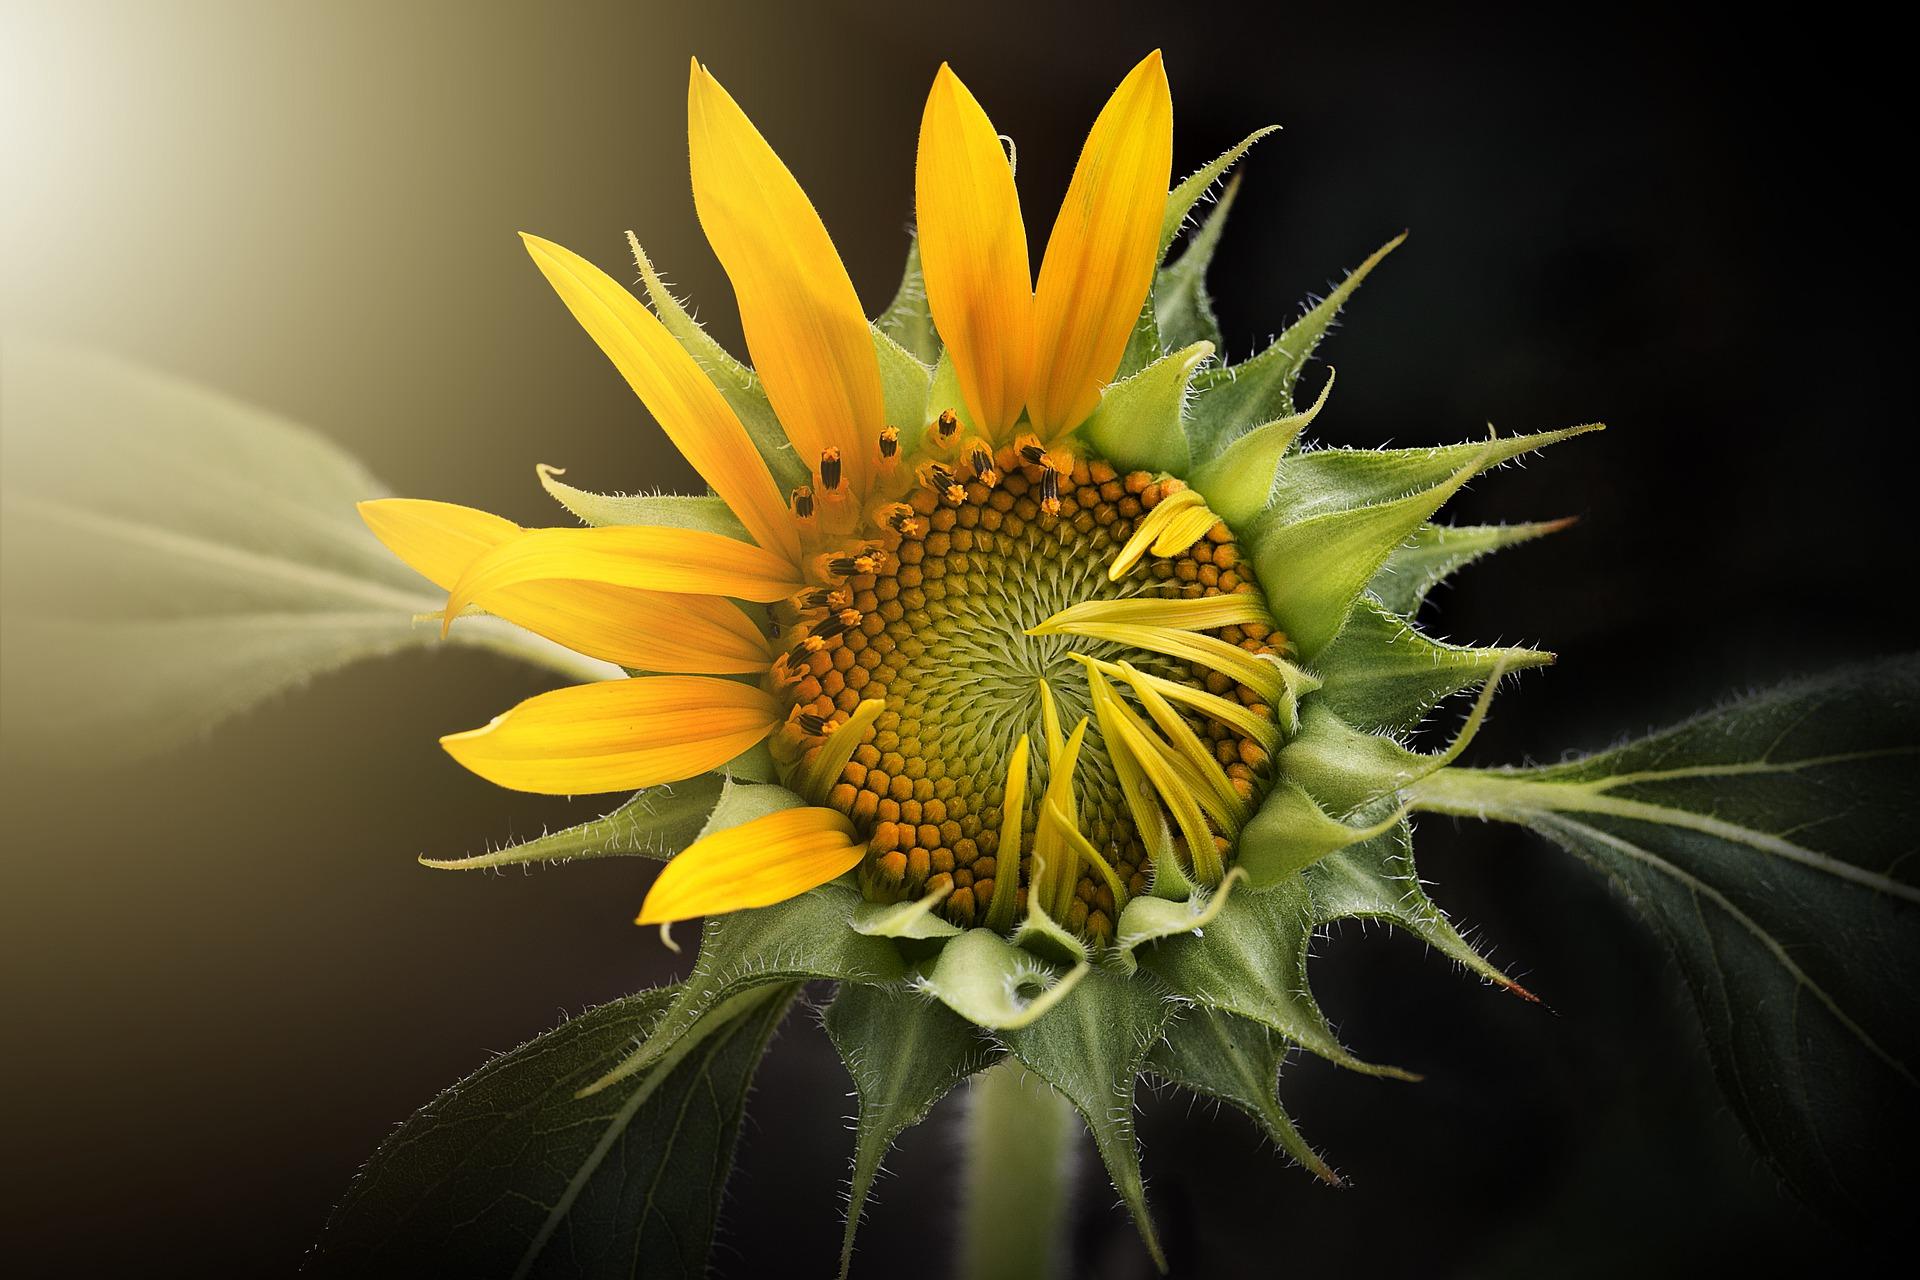 ảnh hoa hướng dương buồn